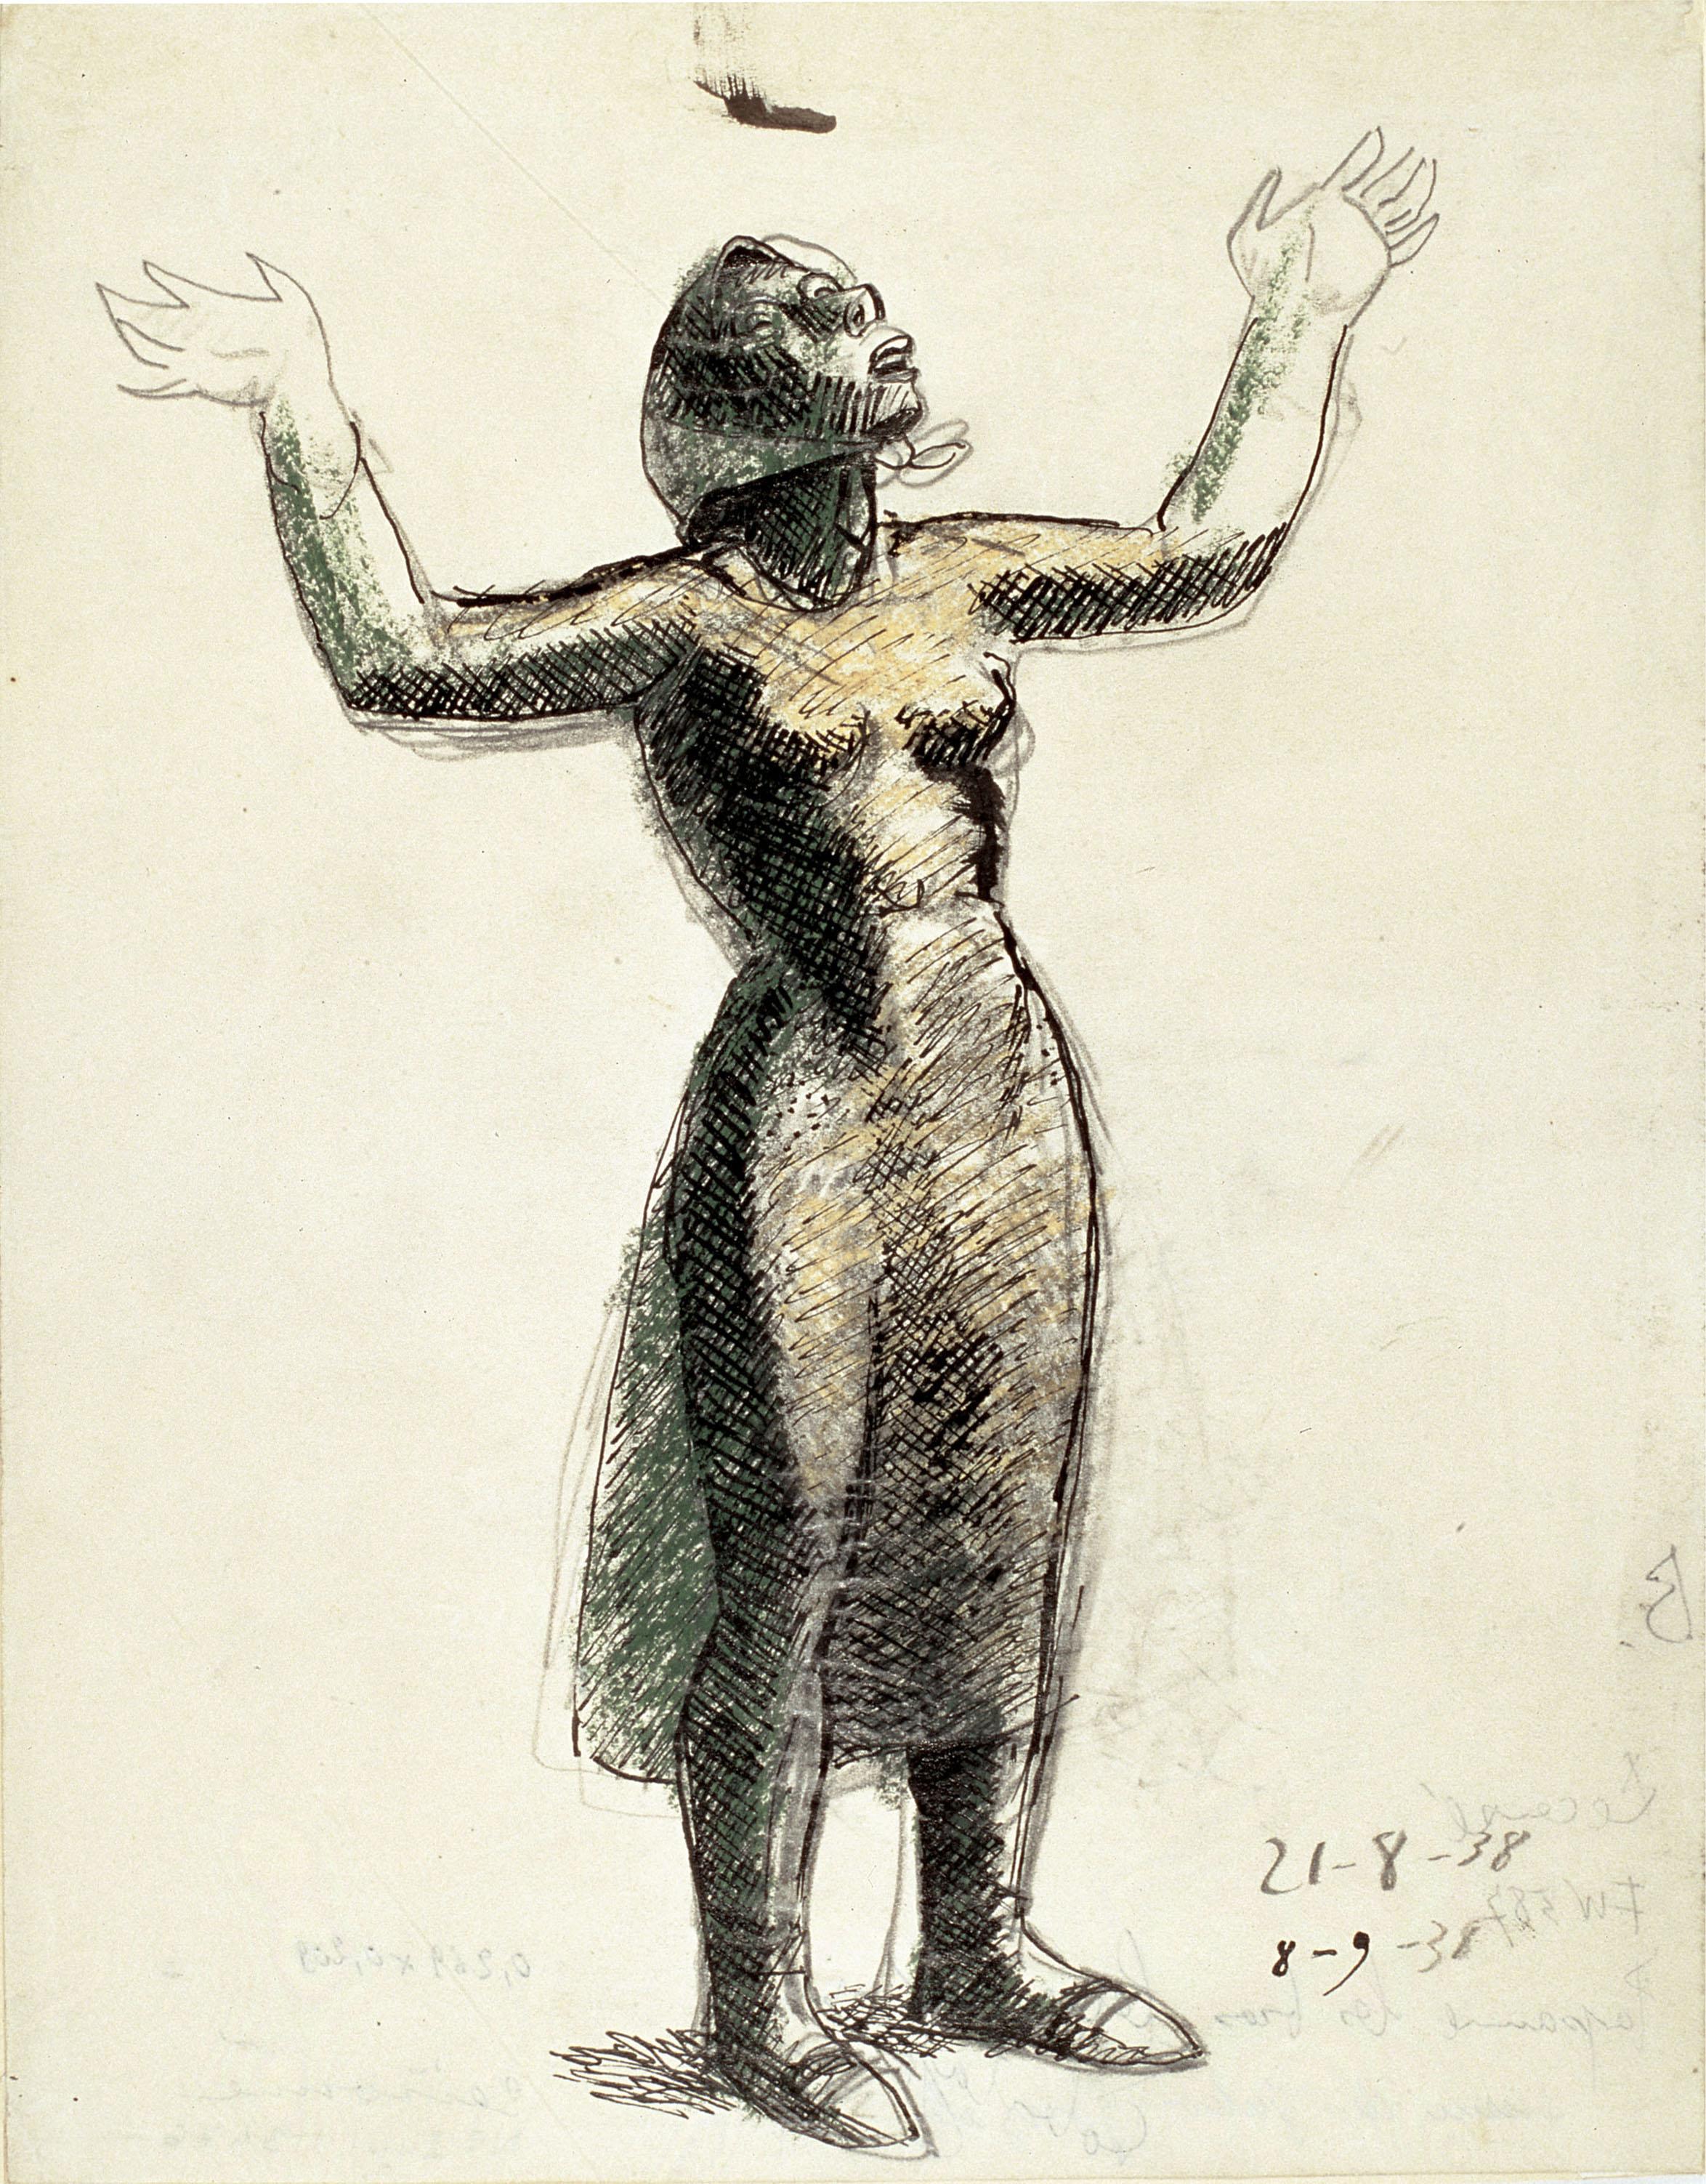 Juli González - Camperola amb els braços alçats (Paysanne les bras levés) - 1938